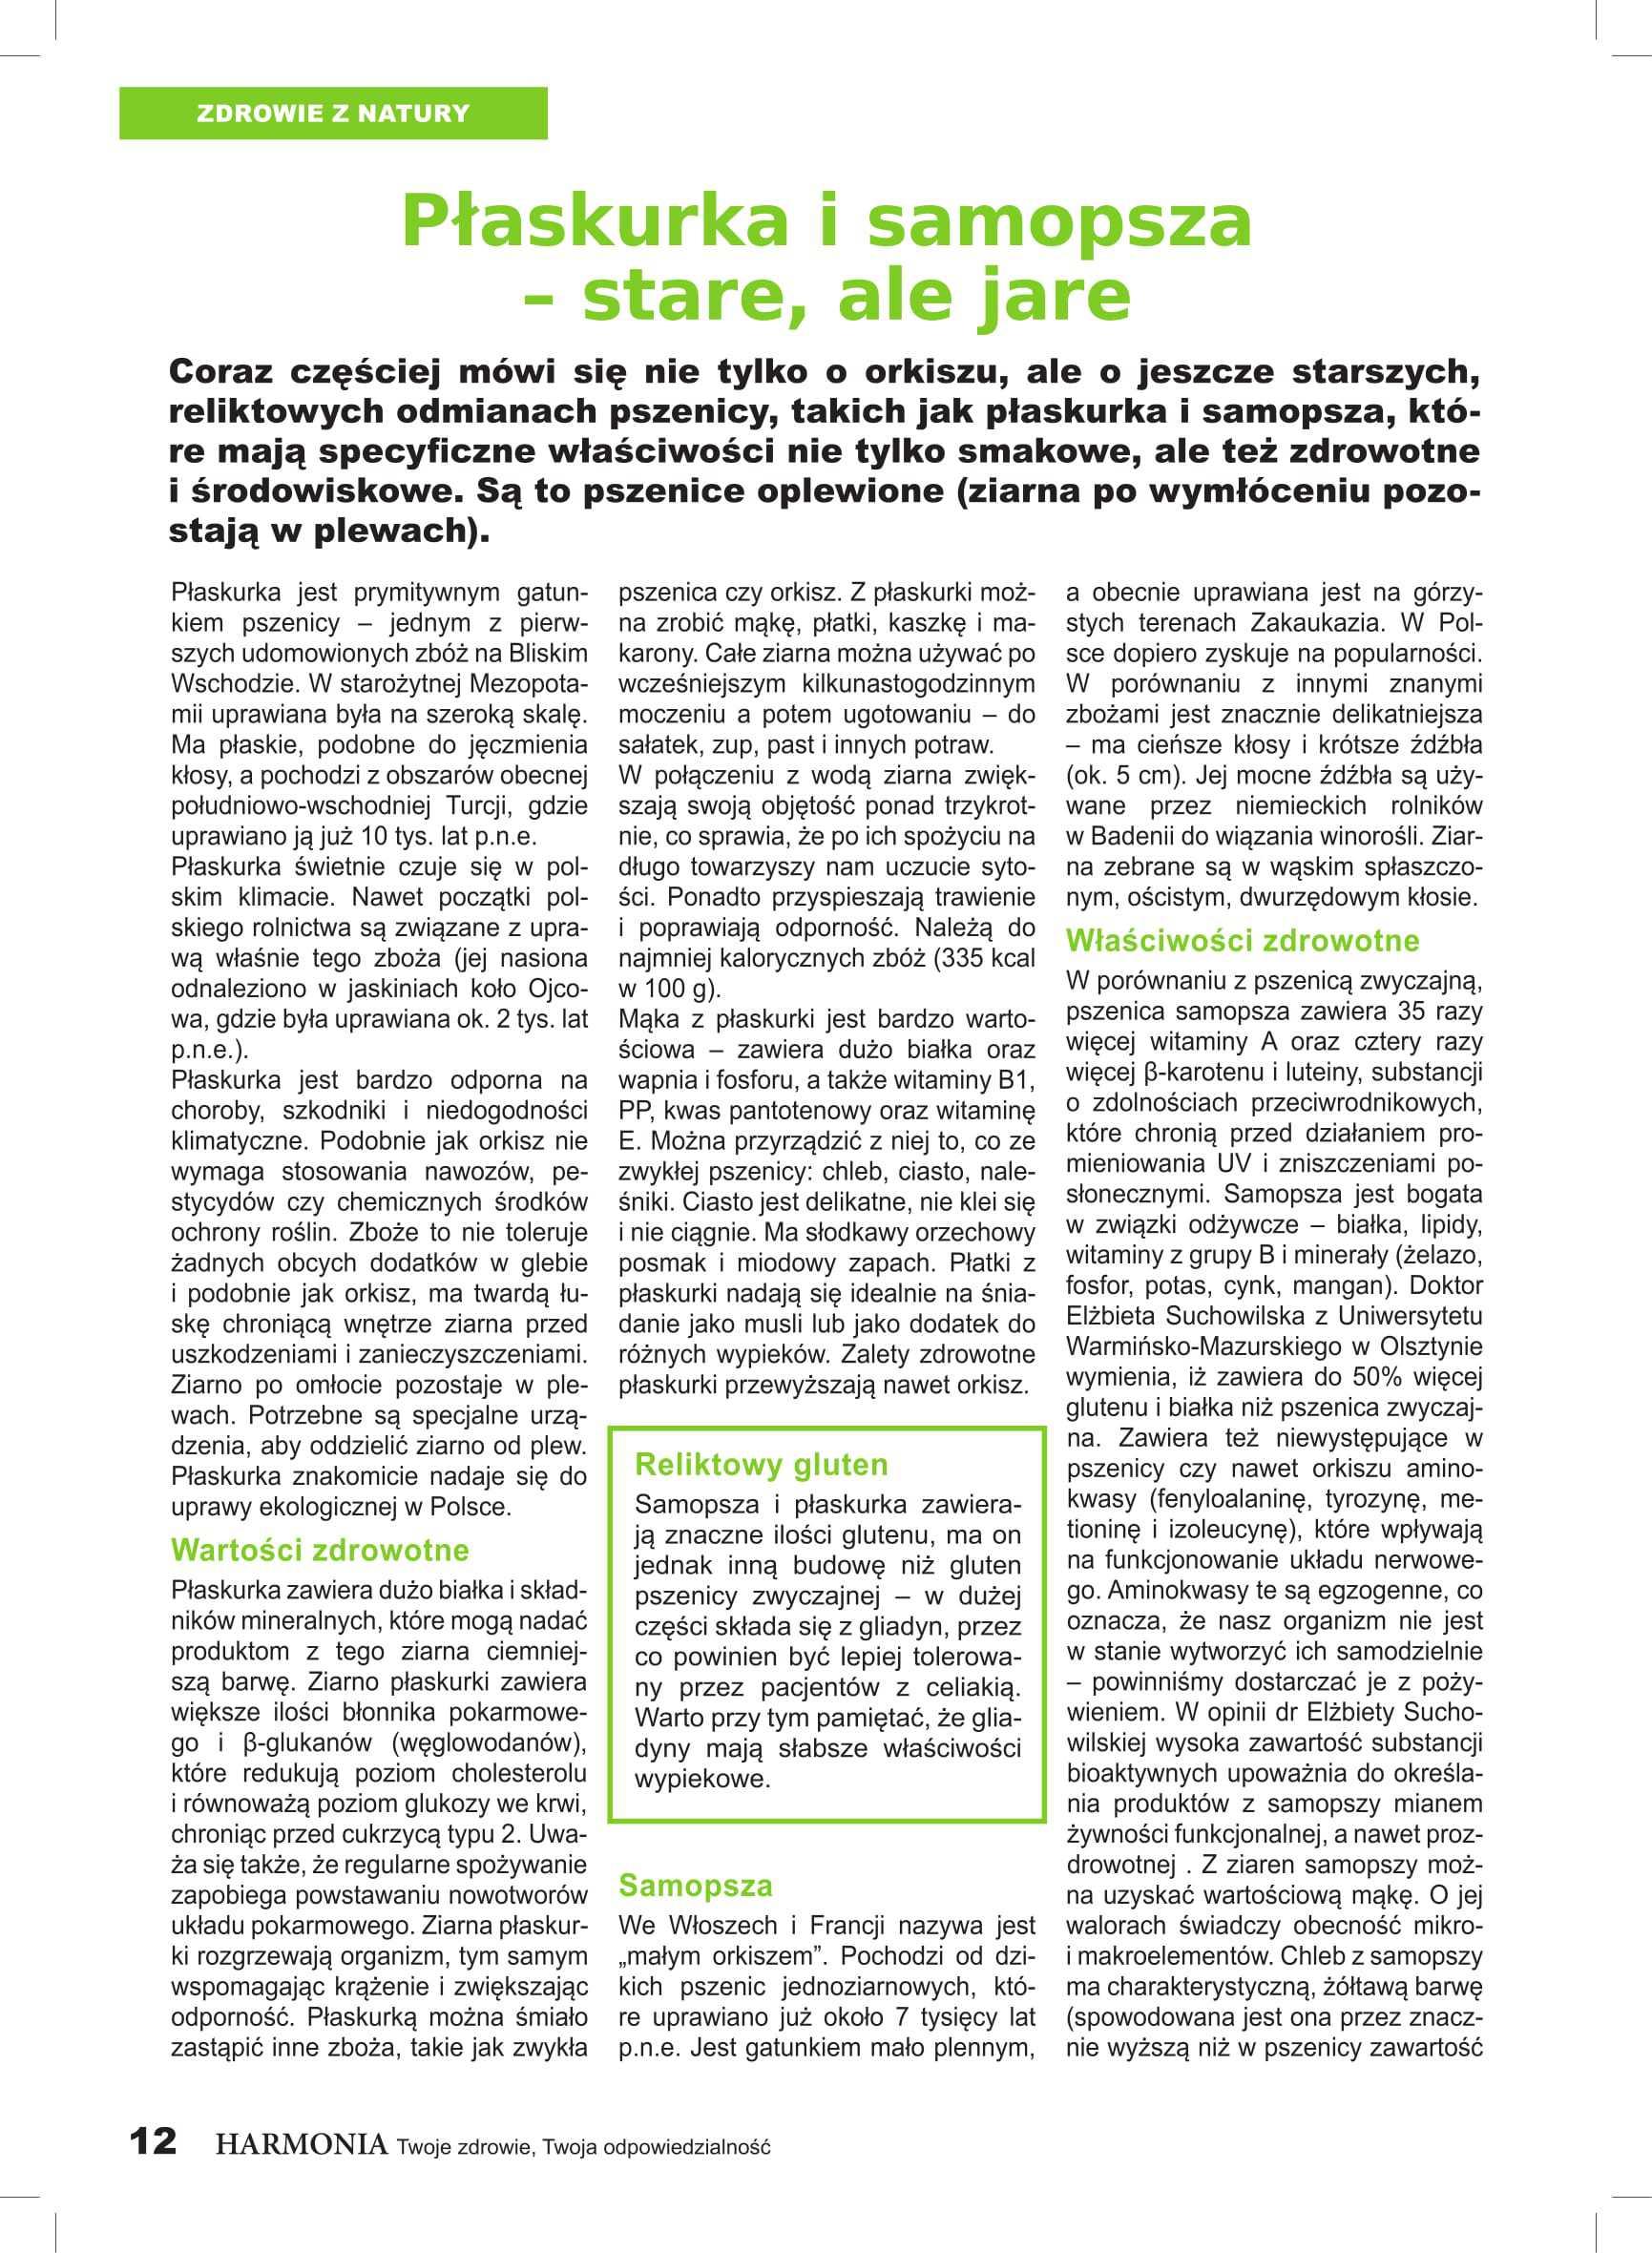 samopsza i płaskurka - artykuł z czasopisma Harmonia